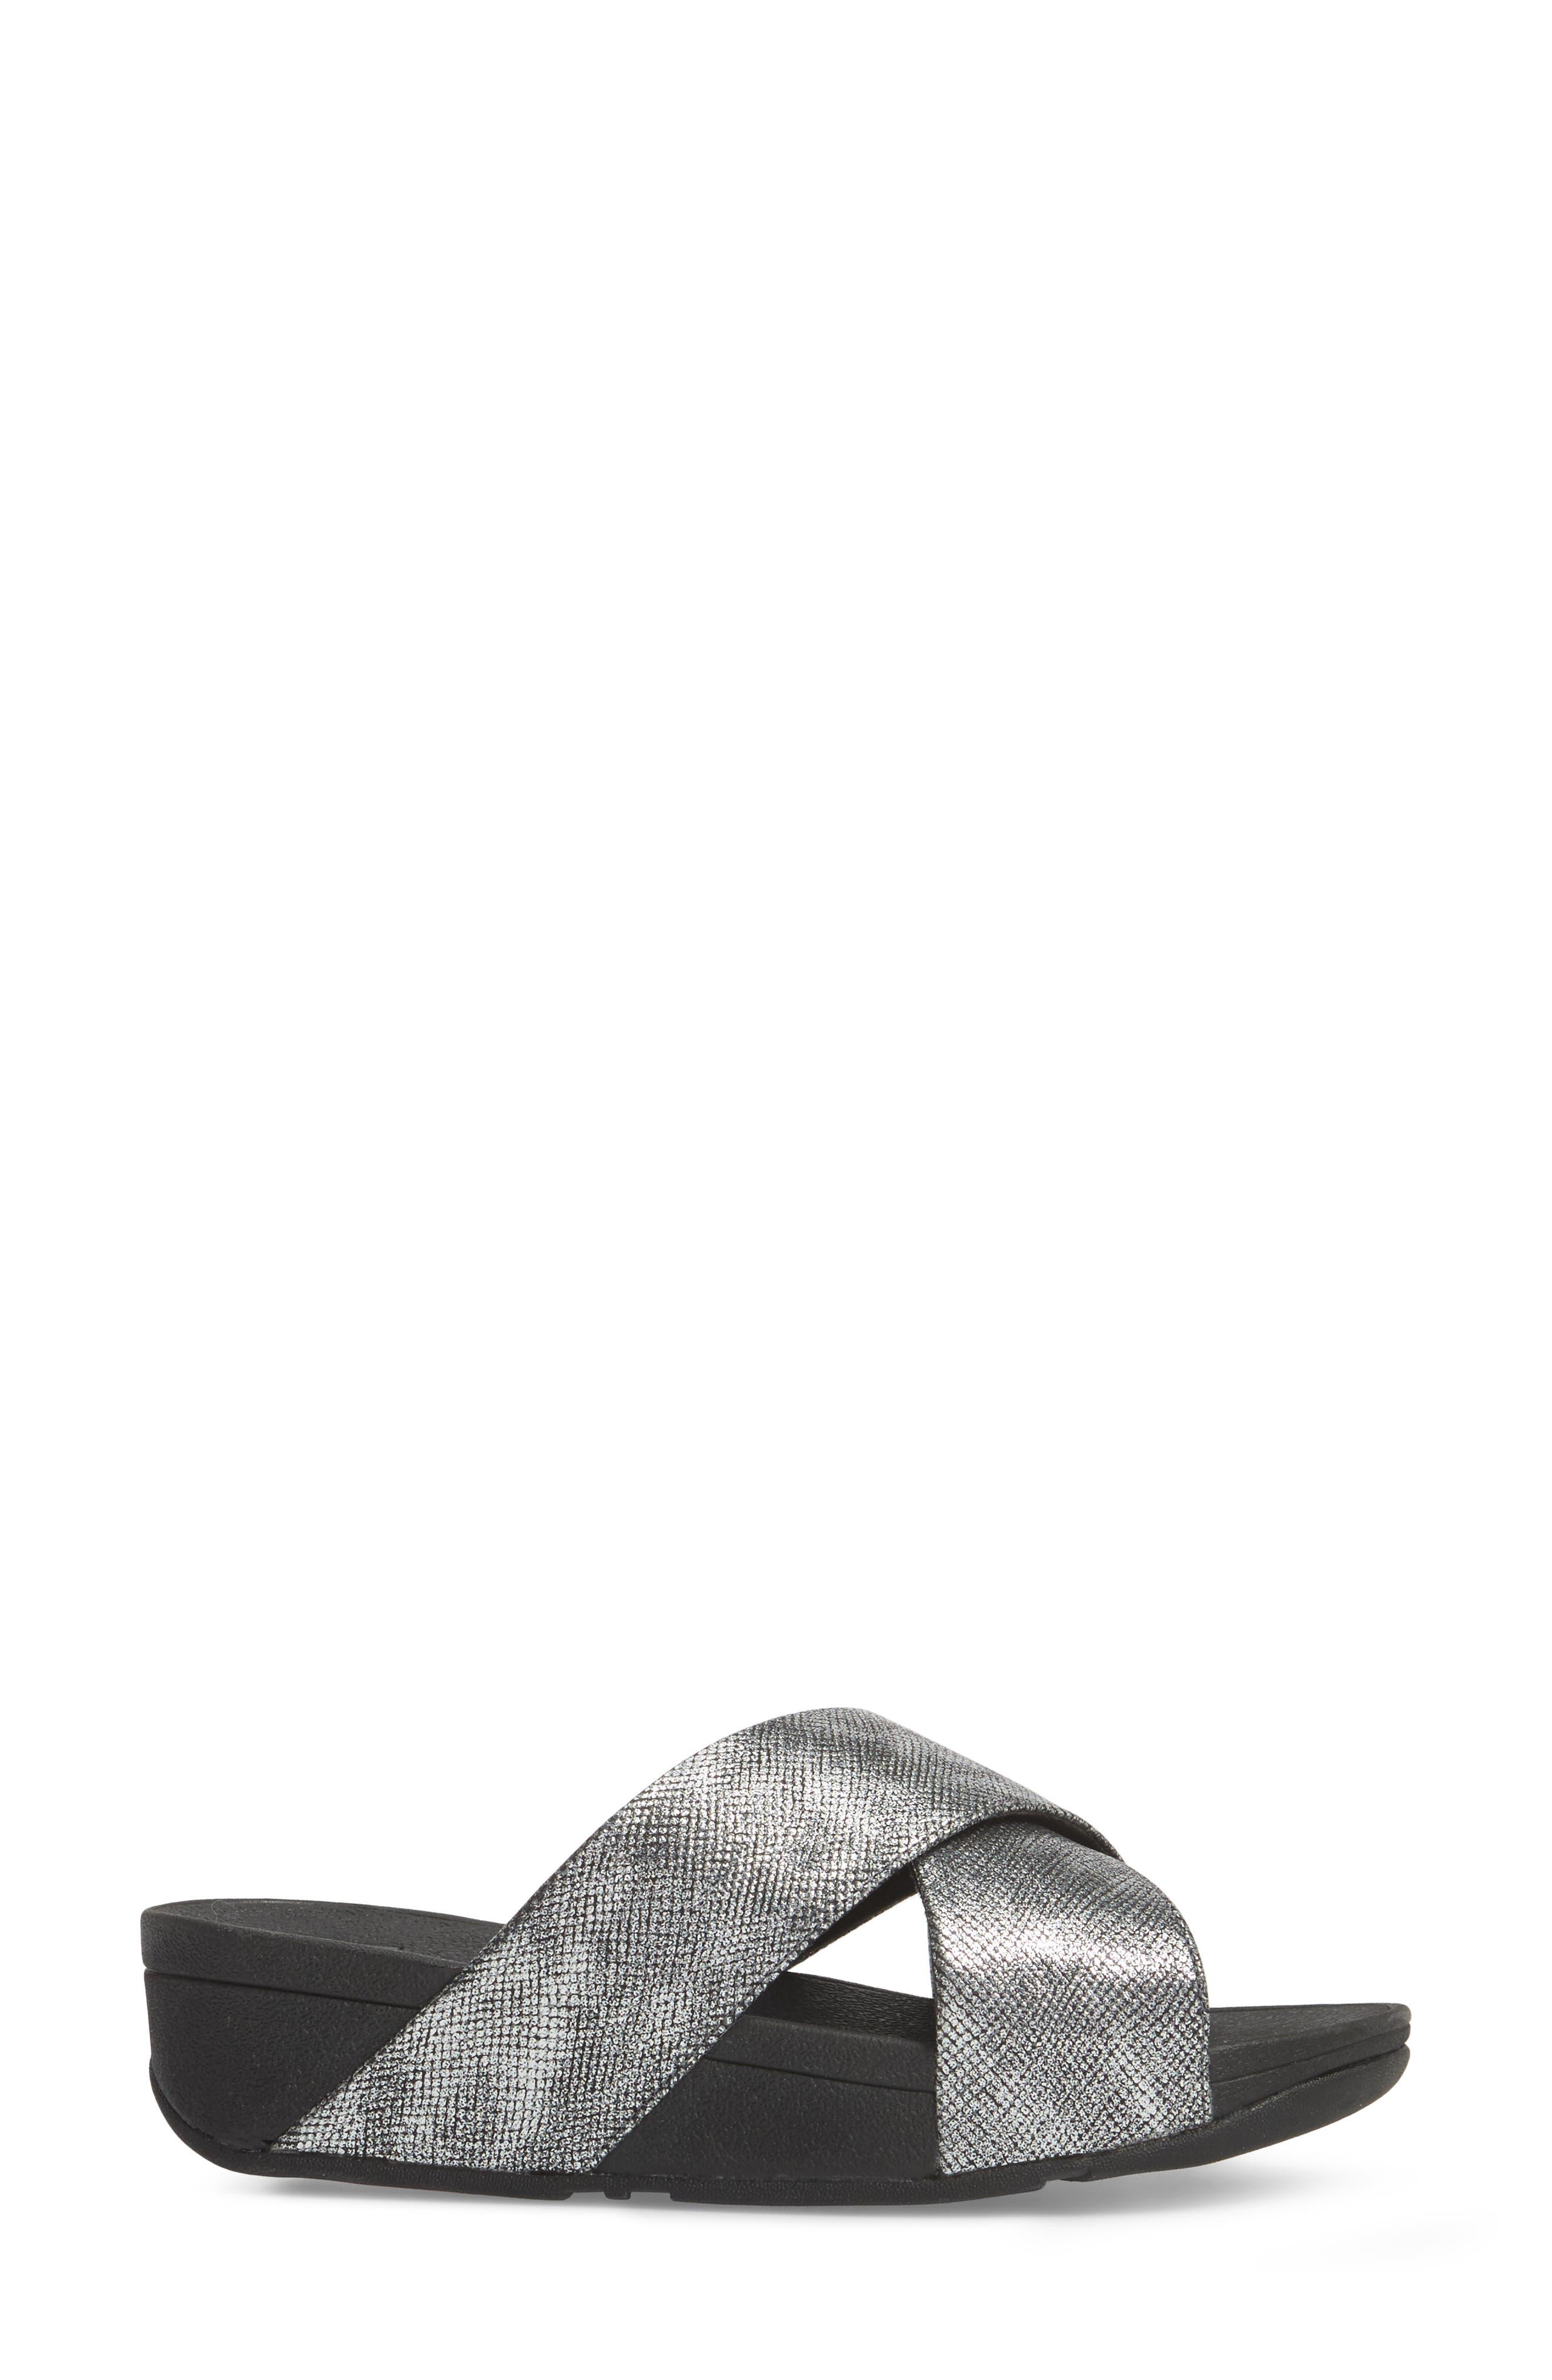 Alternate Image 3  - FitFlop Lulu Cross Slide Sandal (Women)